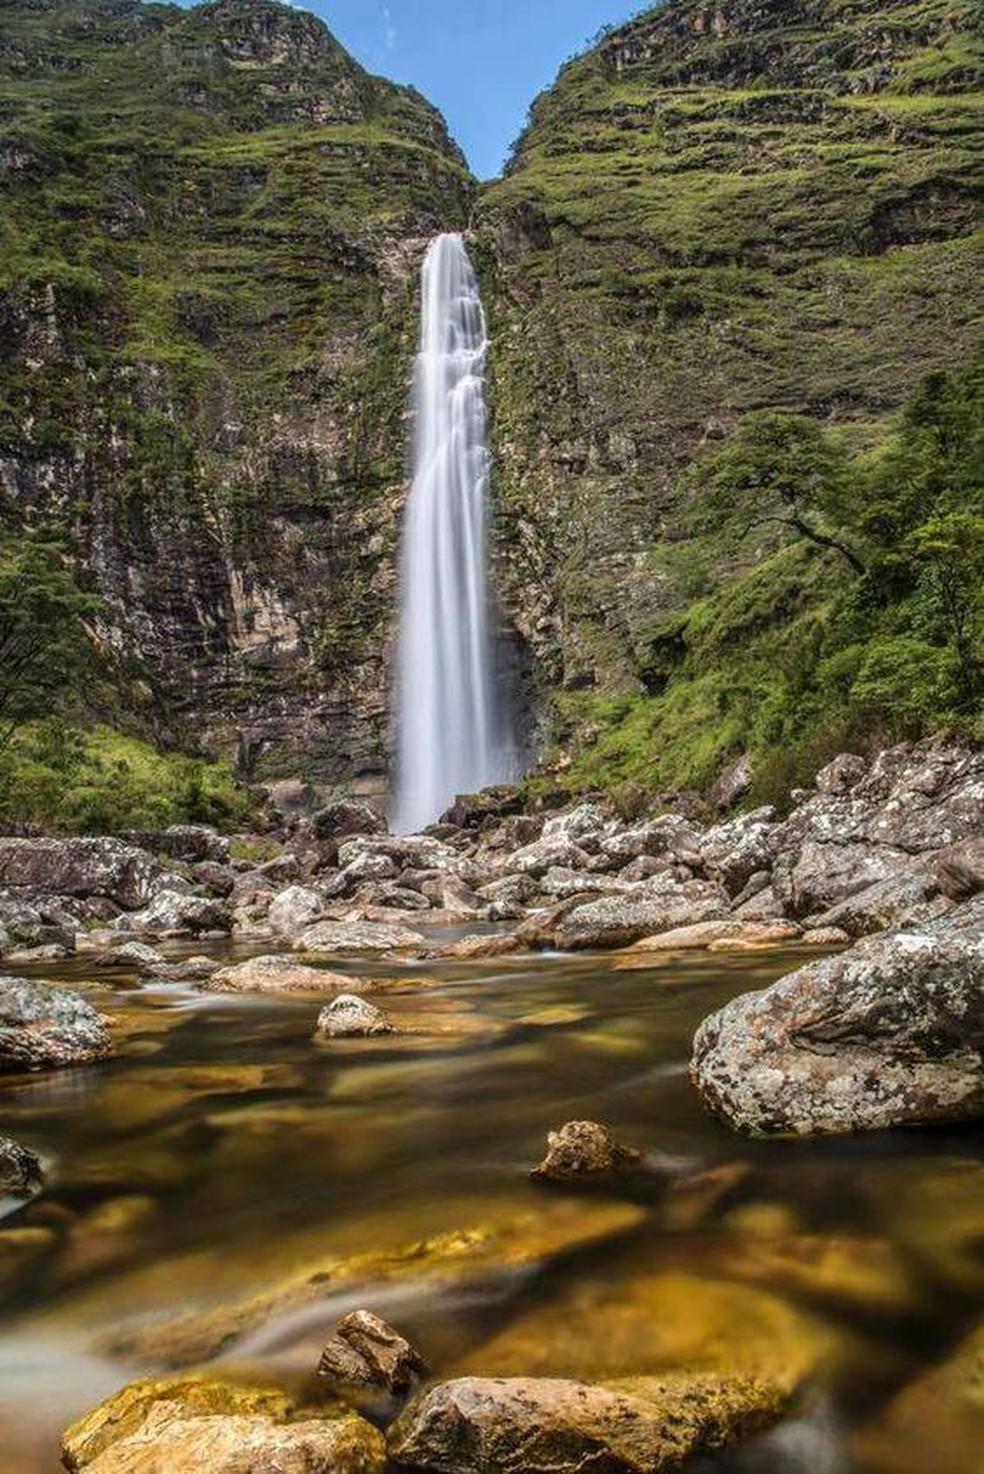 Cachoeira Casca D'Anta em São Roque de Minas — Foto: Fábio Rage/Secretaria Municipal de Turismo e Cultura/Divulgação